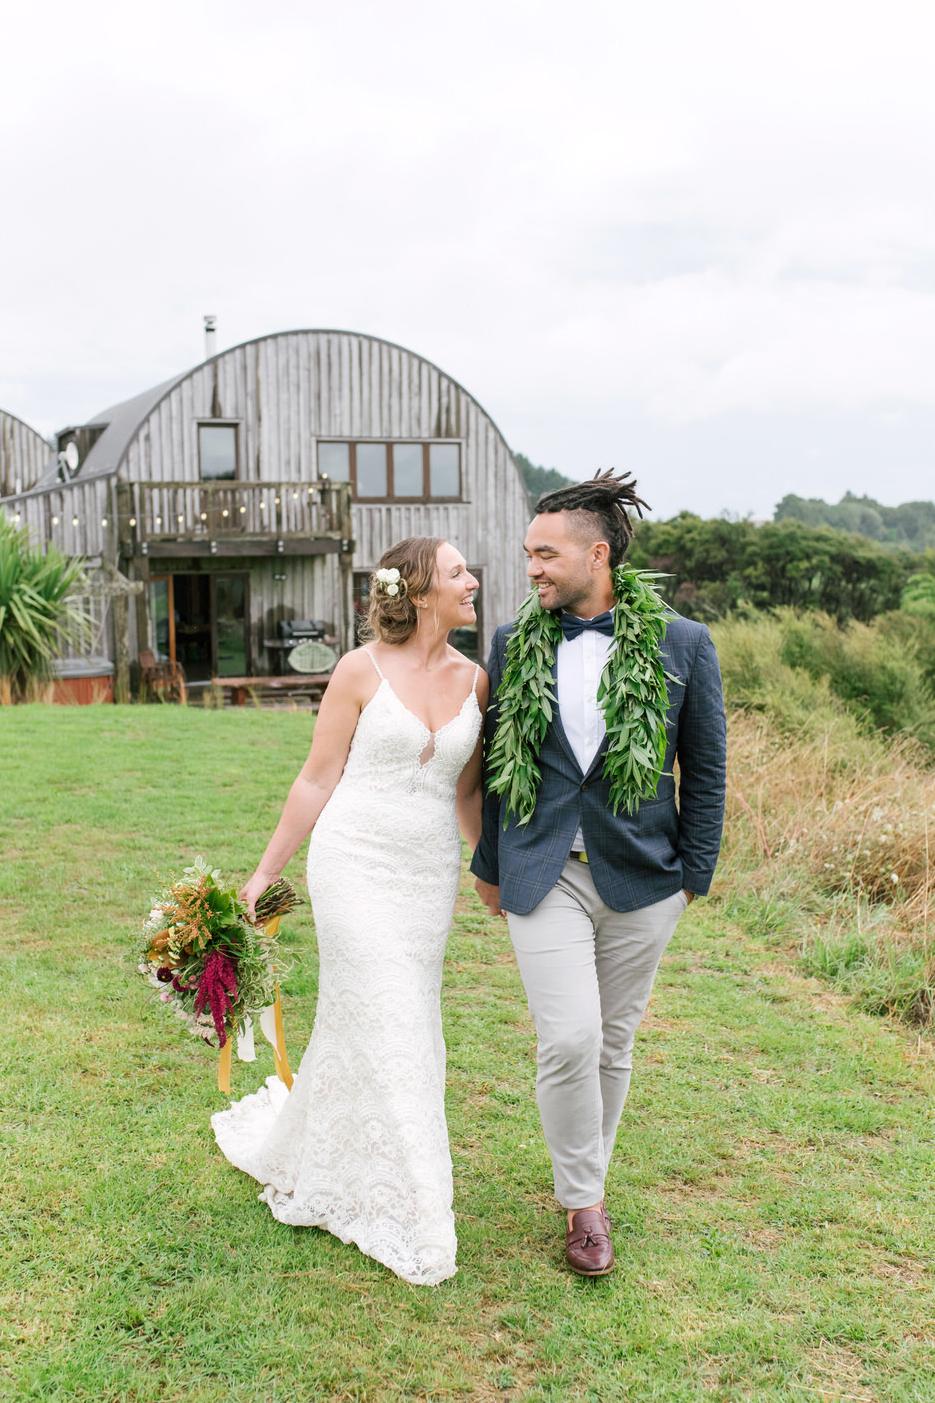 Bottega53©-new zealand wedding - lynsday&dillan-59.JPG